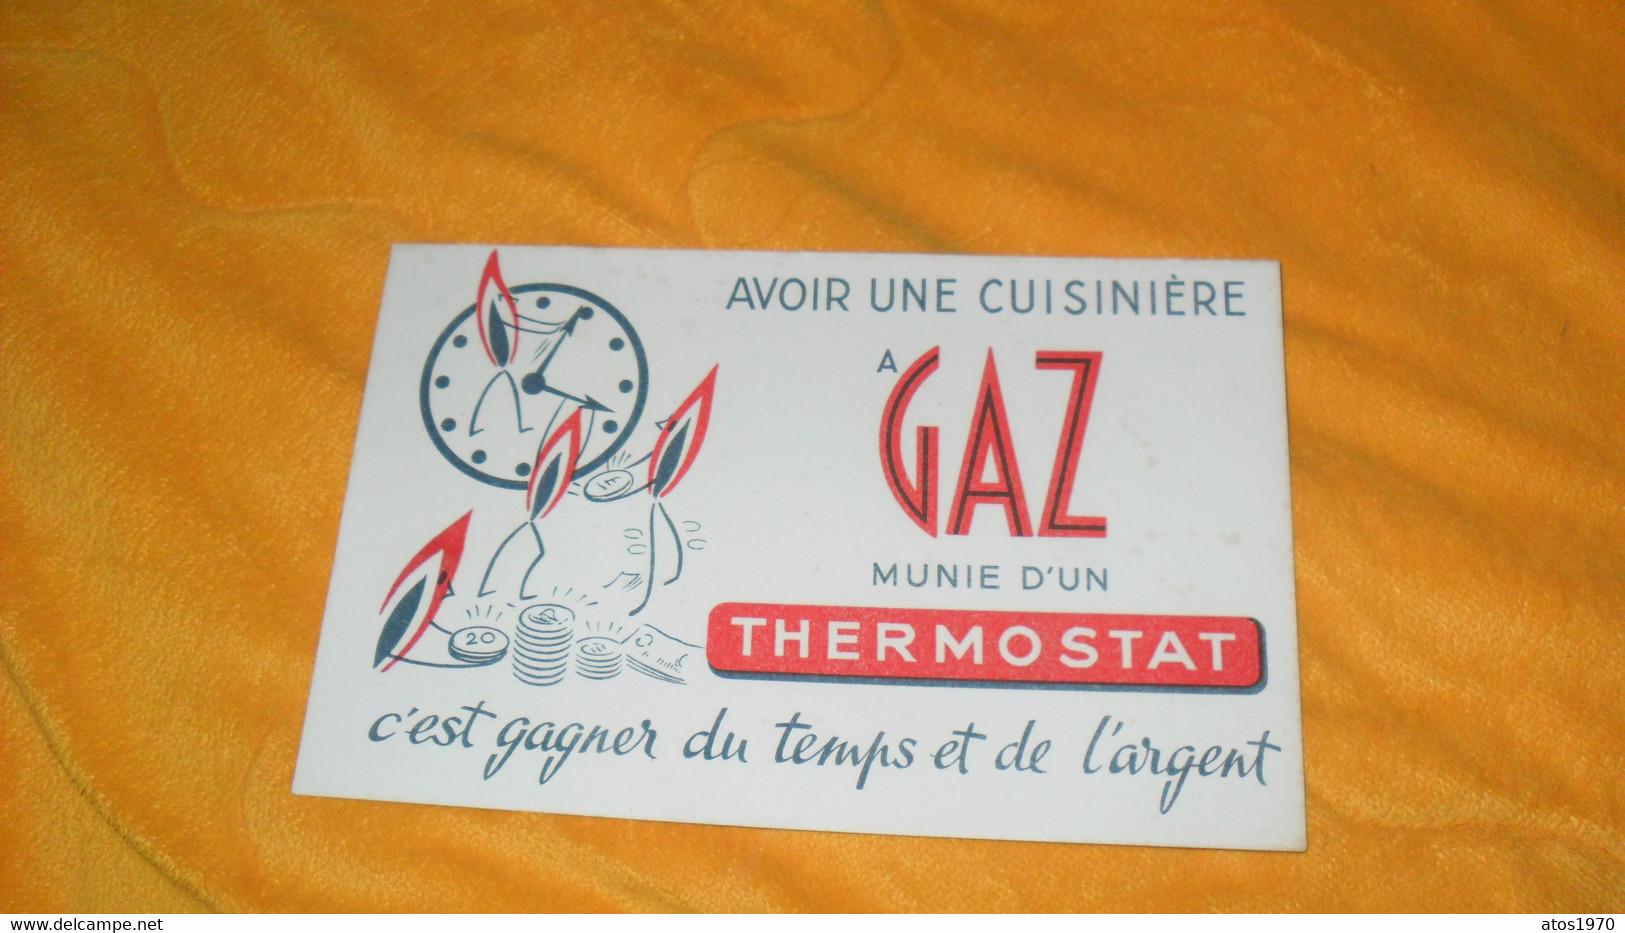 BUVARD ANCIEN..AVOIR UNE CUISINIERE A GAZ MUNIE D'UN THERMOSTAT C'EST GAGNER DU TEMPS ET DE L'ARGENT.. - G